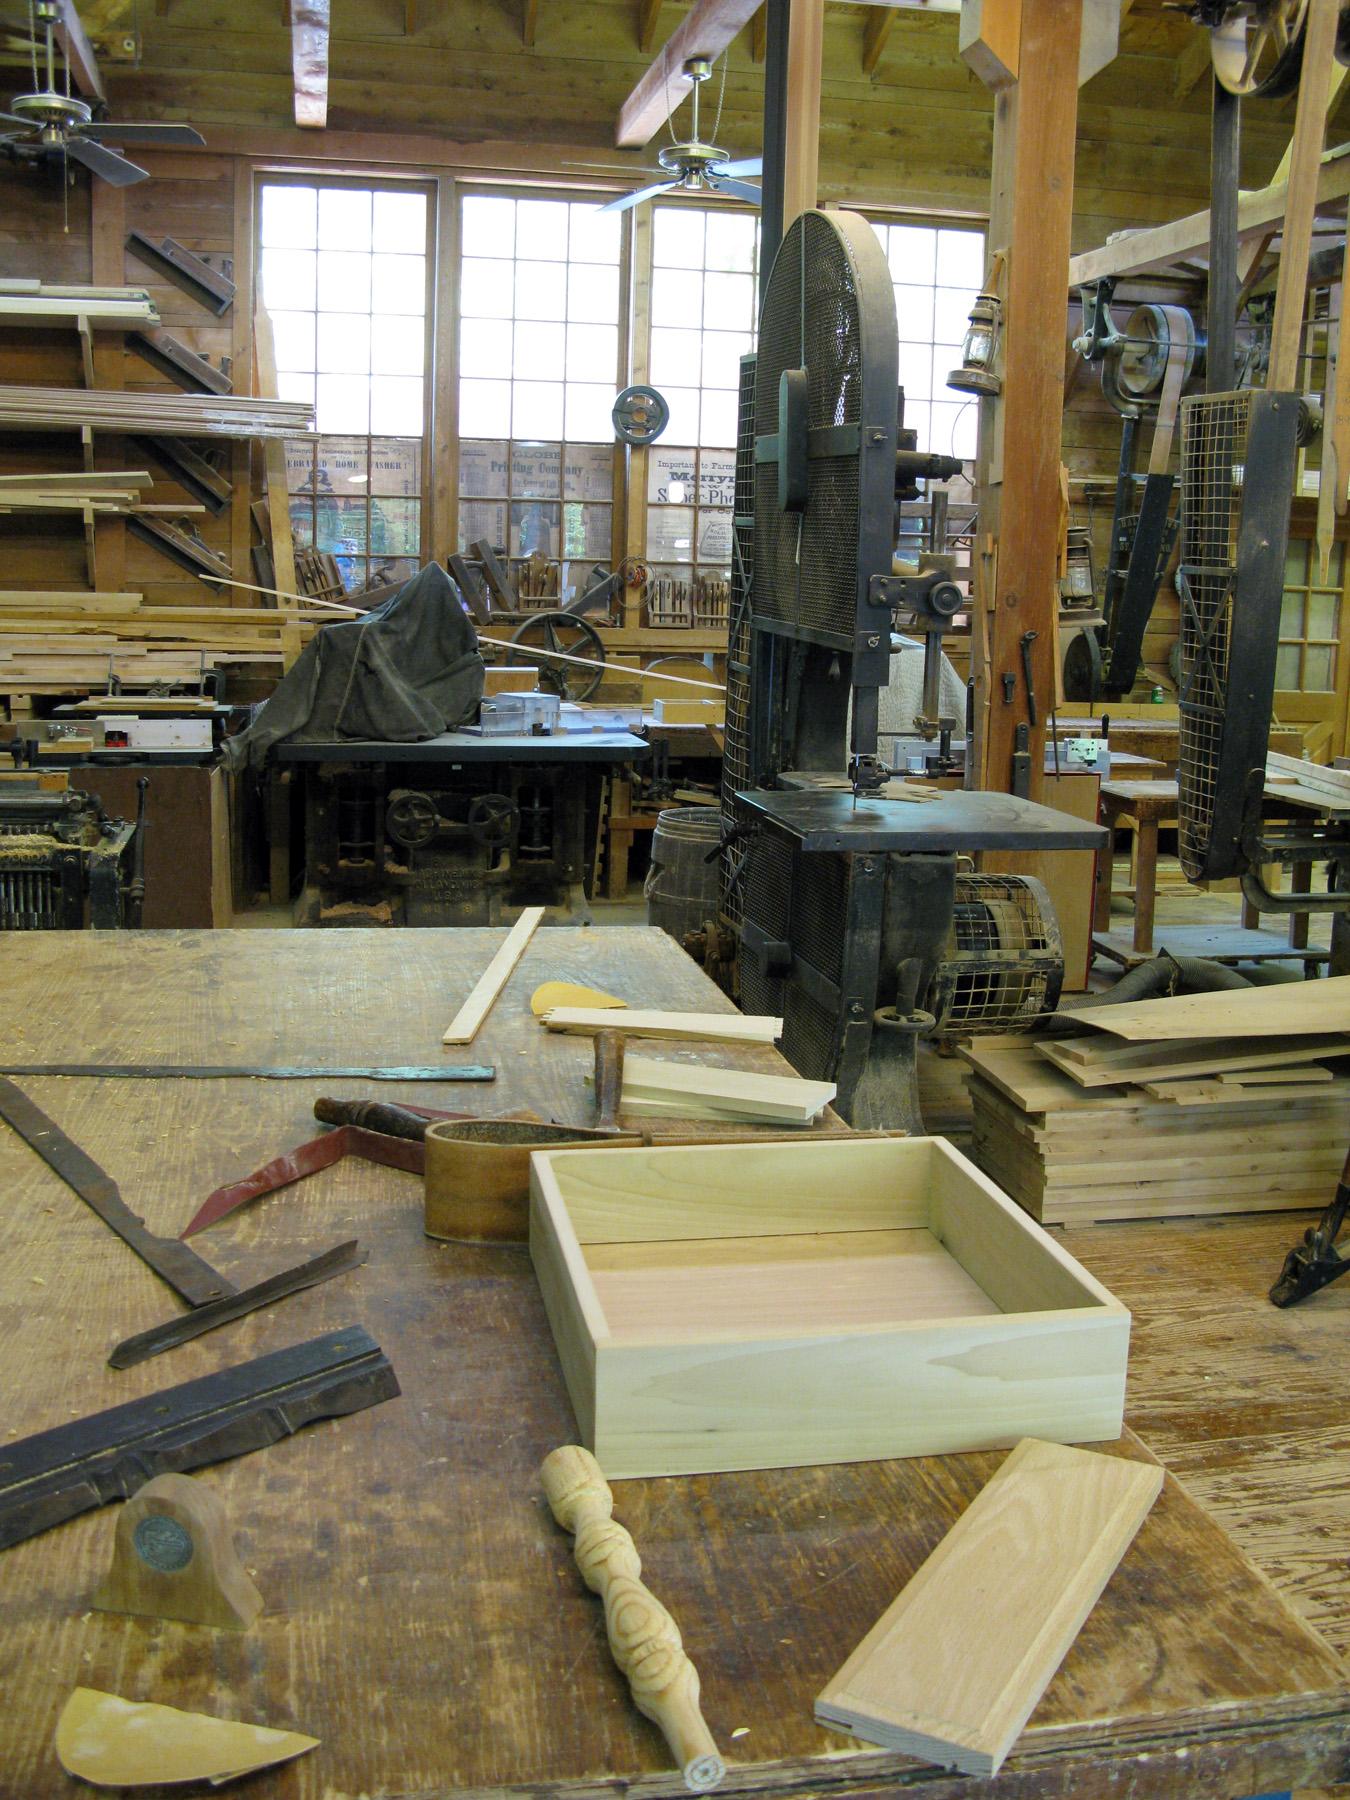 Co powinno znale si w niewielkim warsztacie stolarskim for Design your own garage workshop